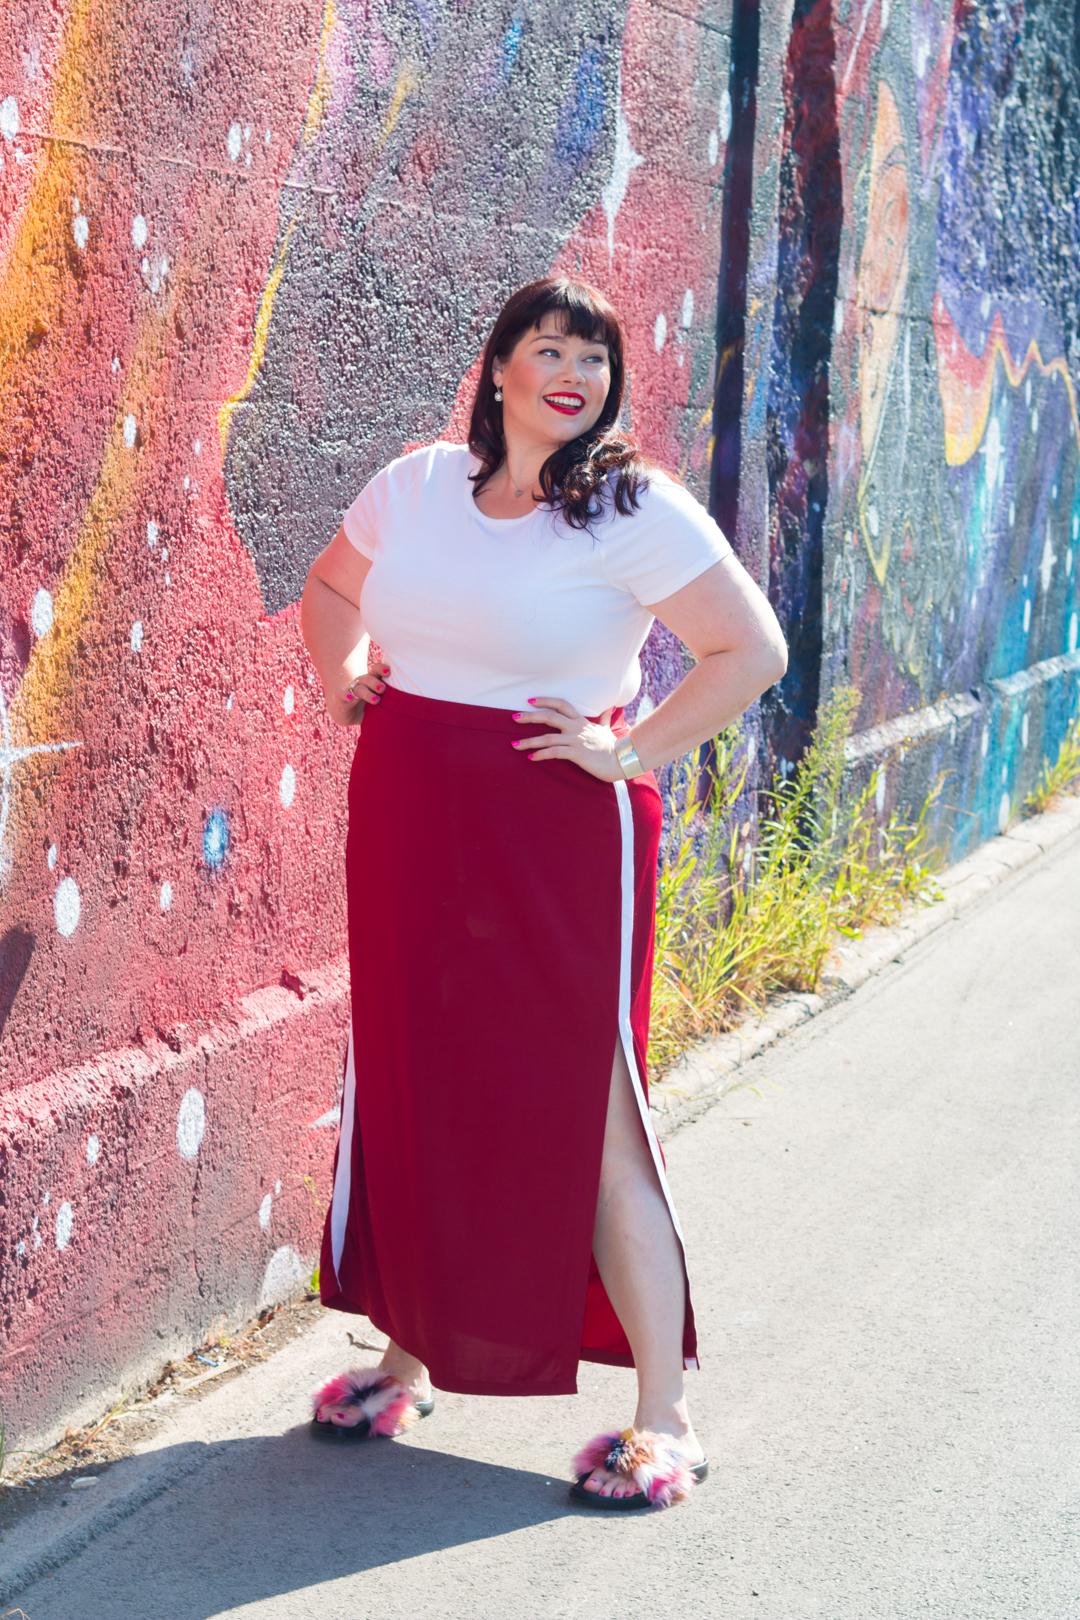 Gwynnie Bee Closet Haul, Style Plus Curves, Chicago Blogger, Chicago Plus Size Blogger, Plus Size Blogger, Amber McCulloch, Gwynnie Bee, Jete, Athleisure